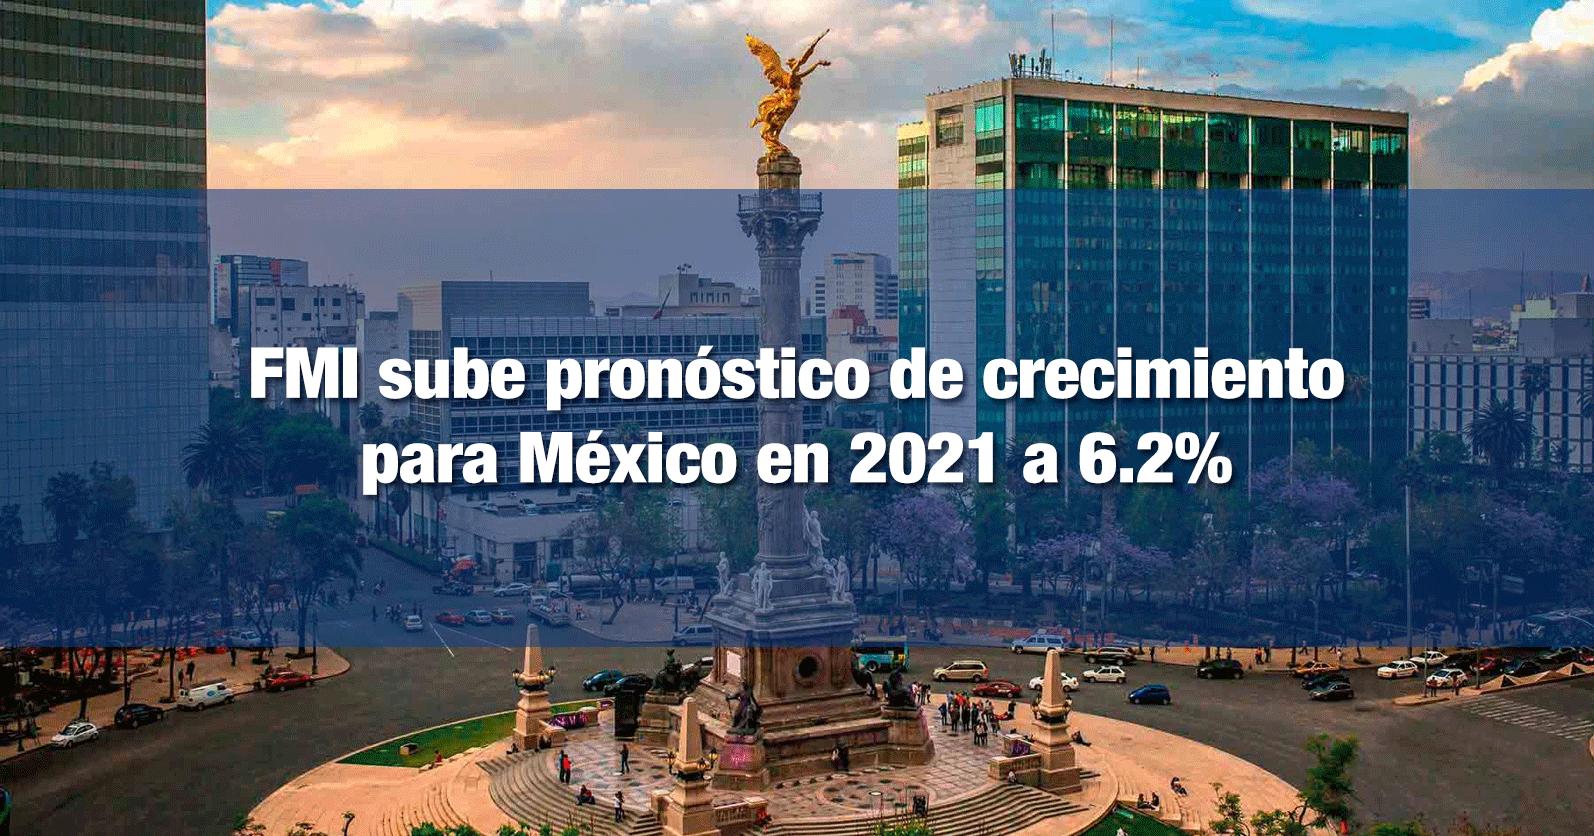 FMI sube pronóstico de crecimiento para México en 2021 a 6.2%